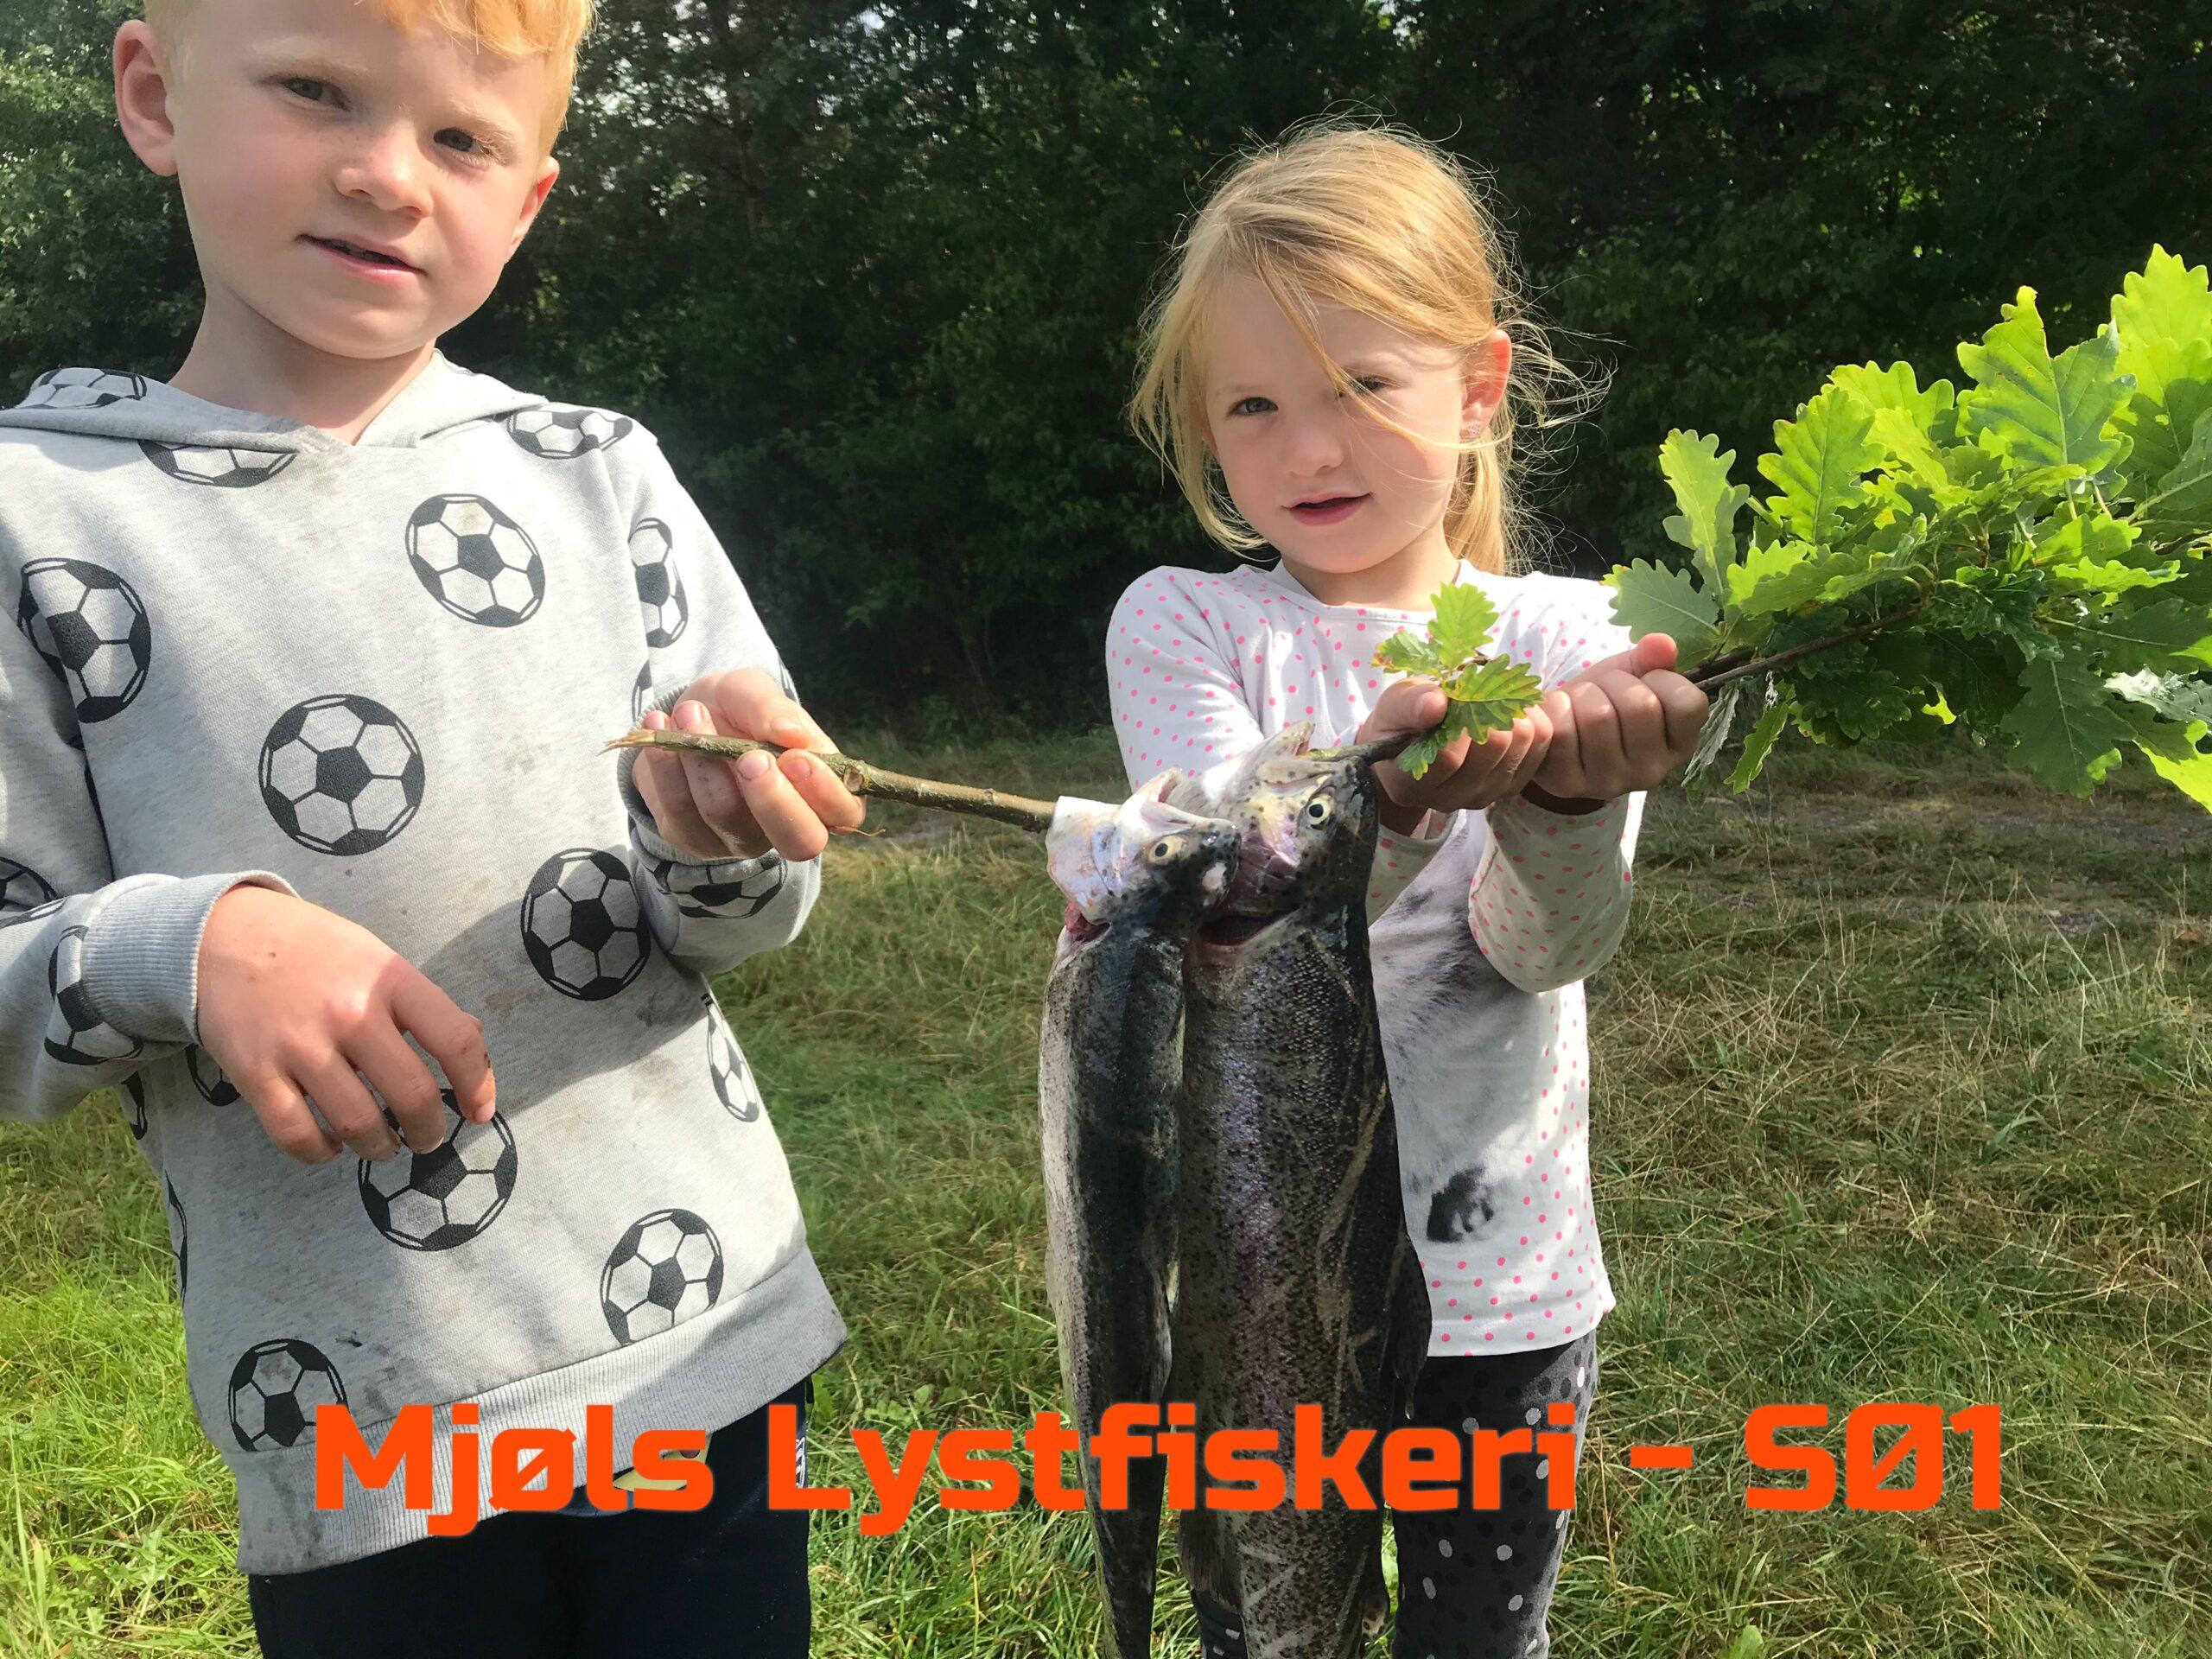 Mjøls Lystfiskeri: Unge lystfiskere med regnbueørreder